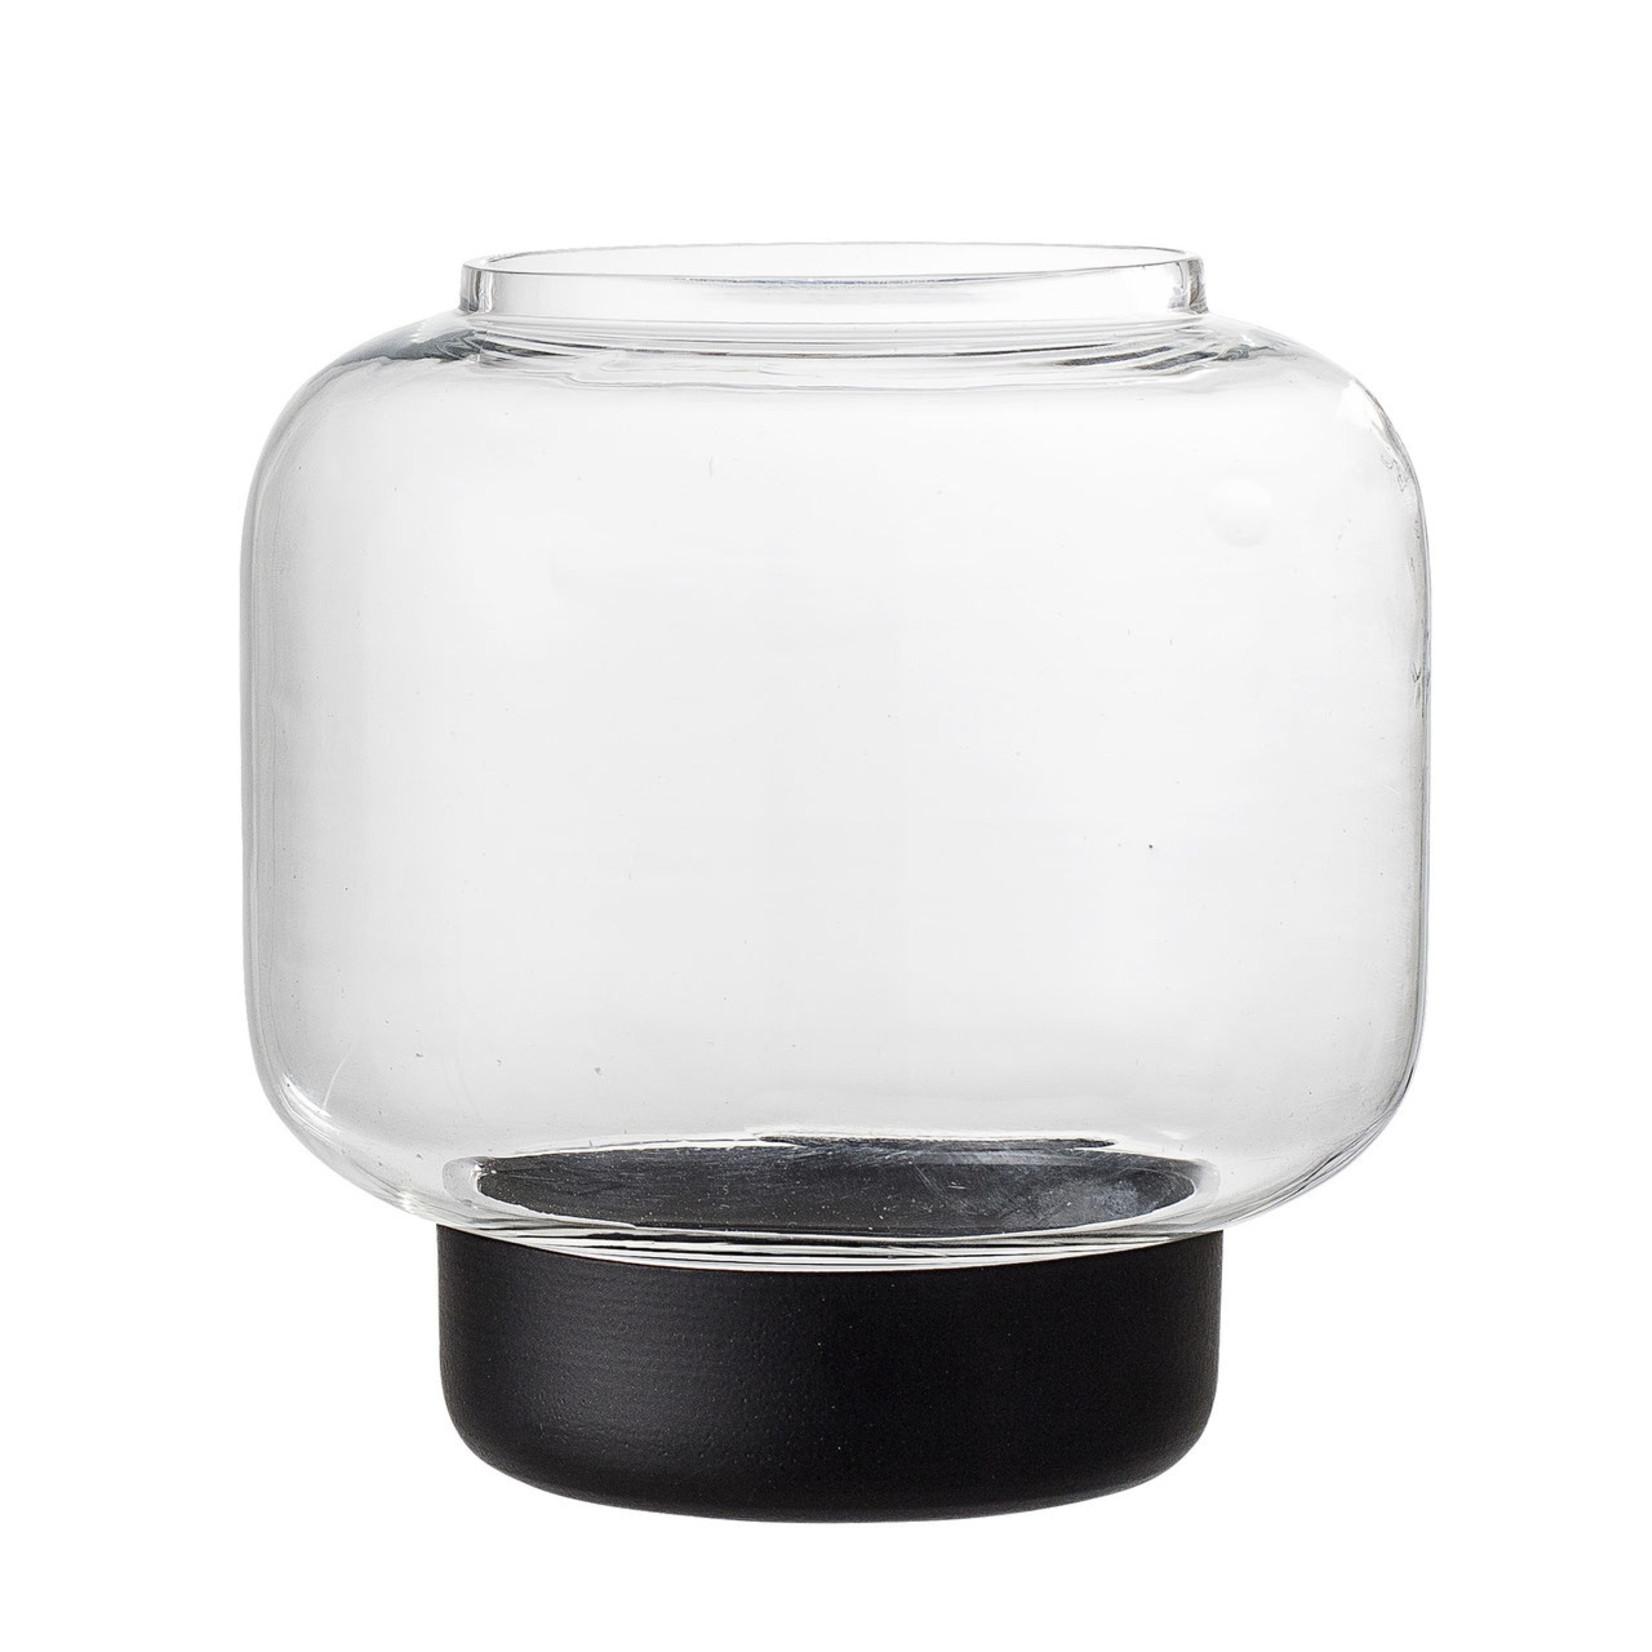 Bloomingville  Windlicht Glas mit schwarzem Fuß S